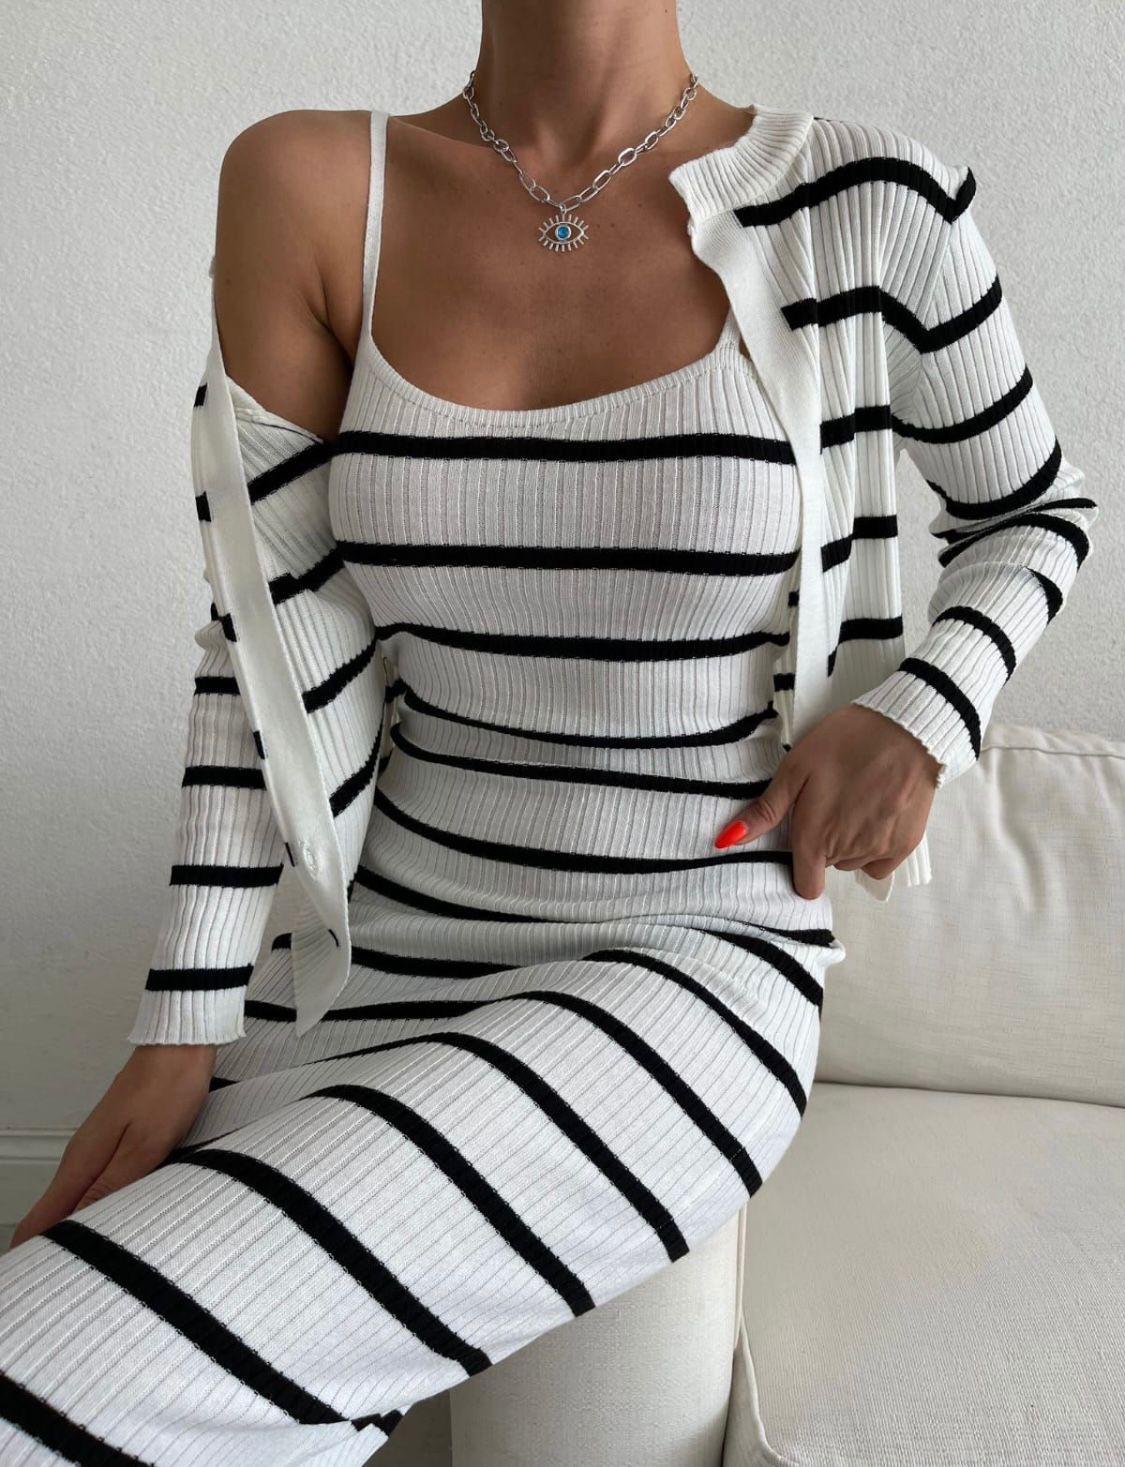 Compleu dama ieftin din tricot alb compus din rochie si pulover cu dungi